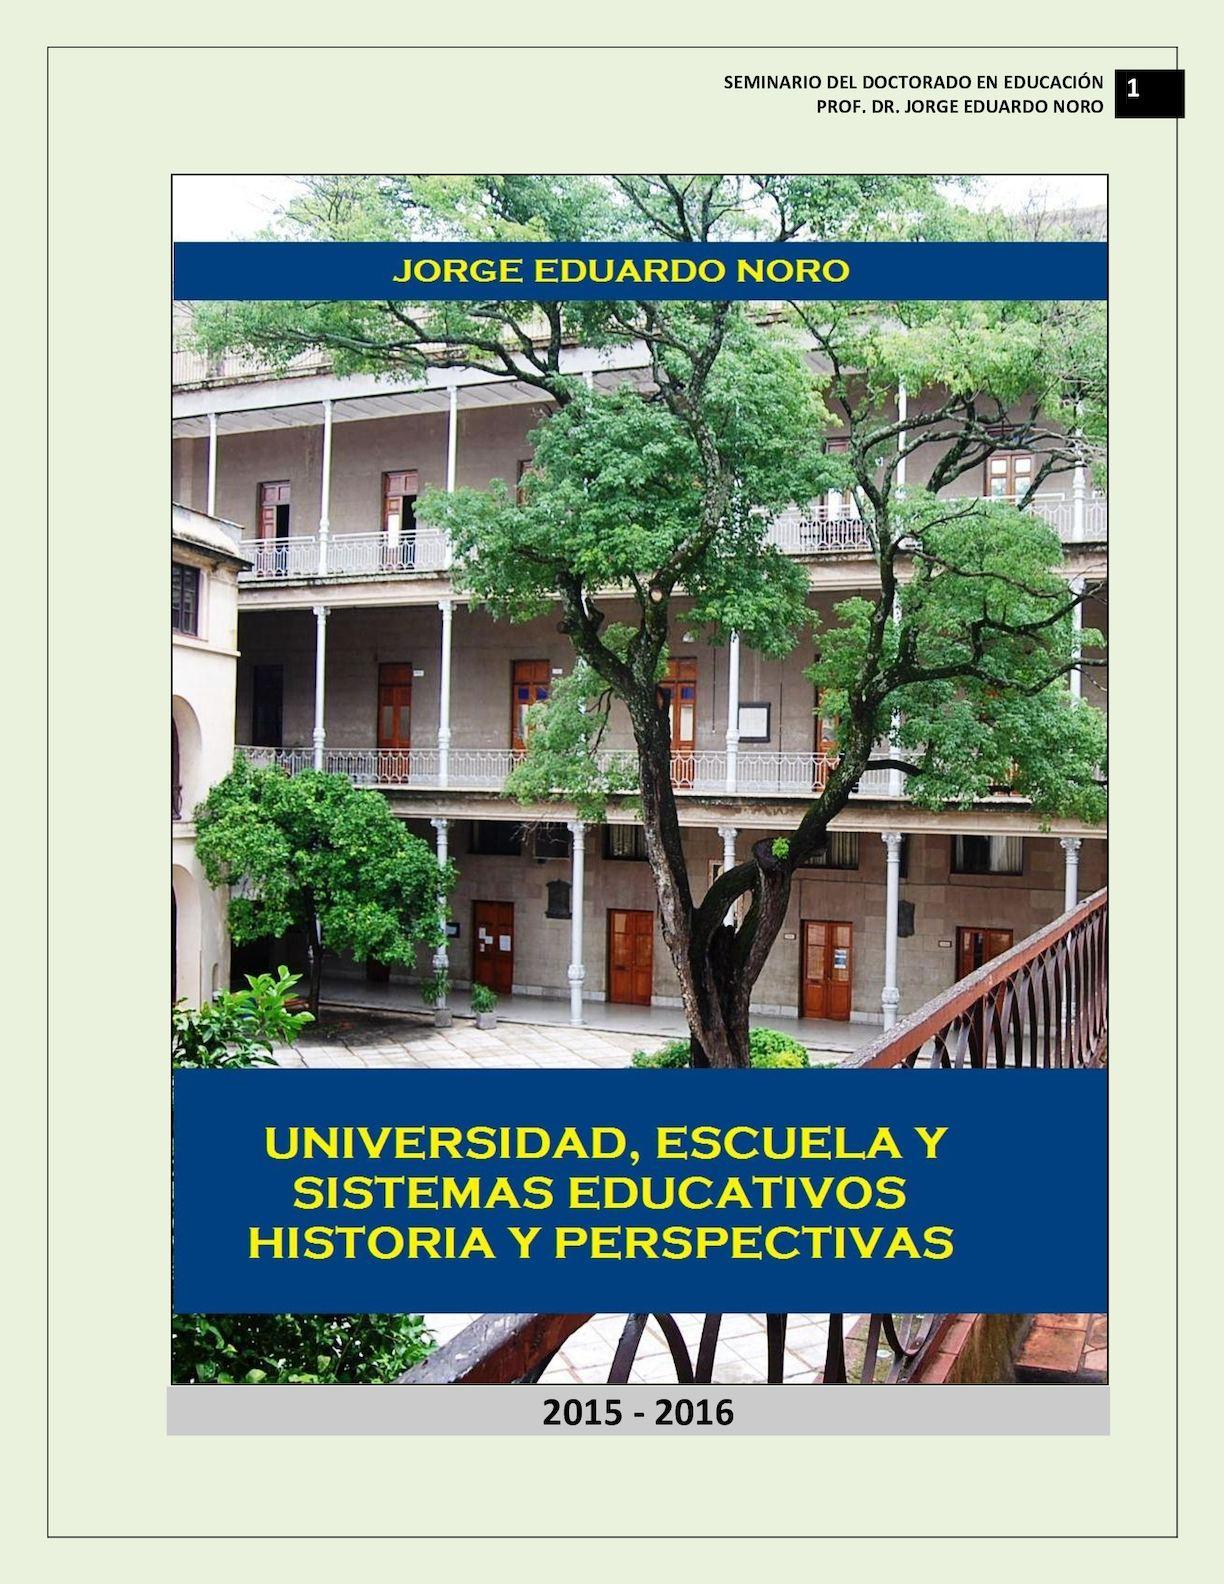 Calaméo - 209. UNIVERSIDAD, ESCUELAS Y SISTEMA EDUCATIVO: HISTORIA Y ...